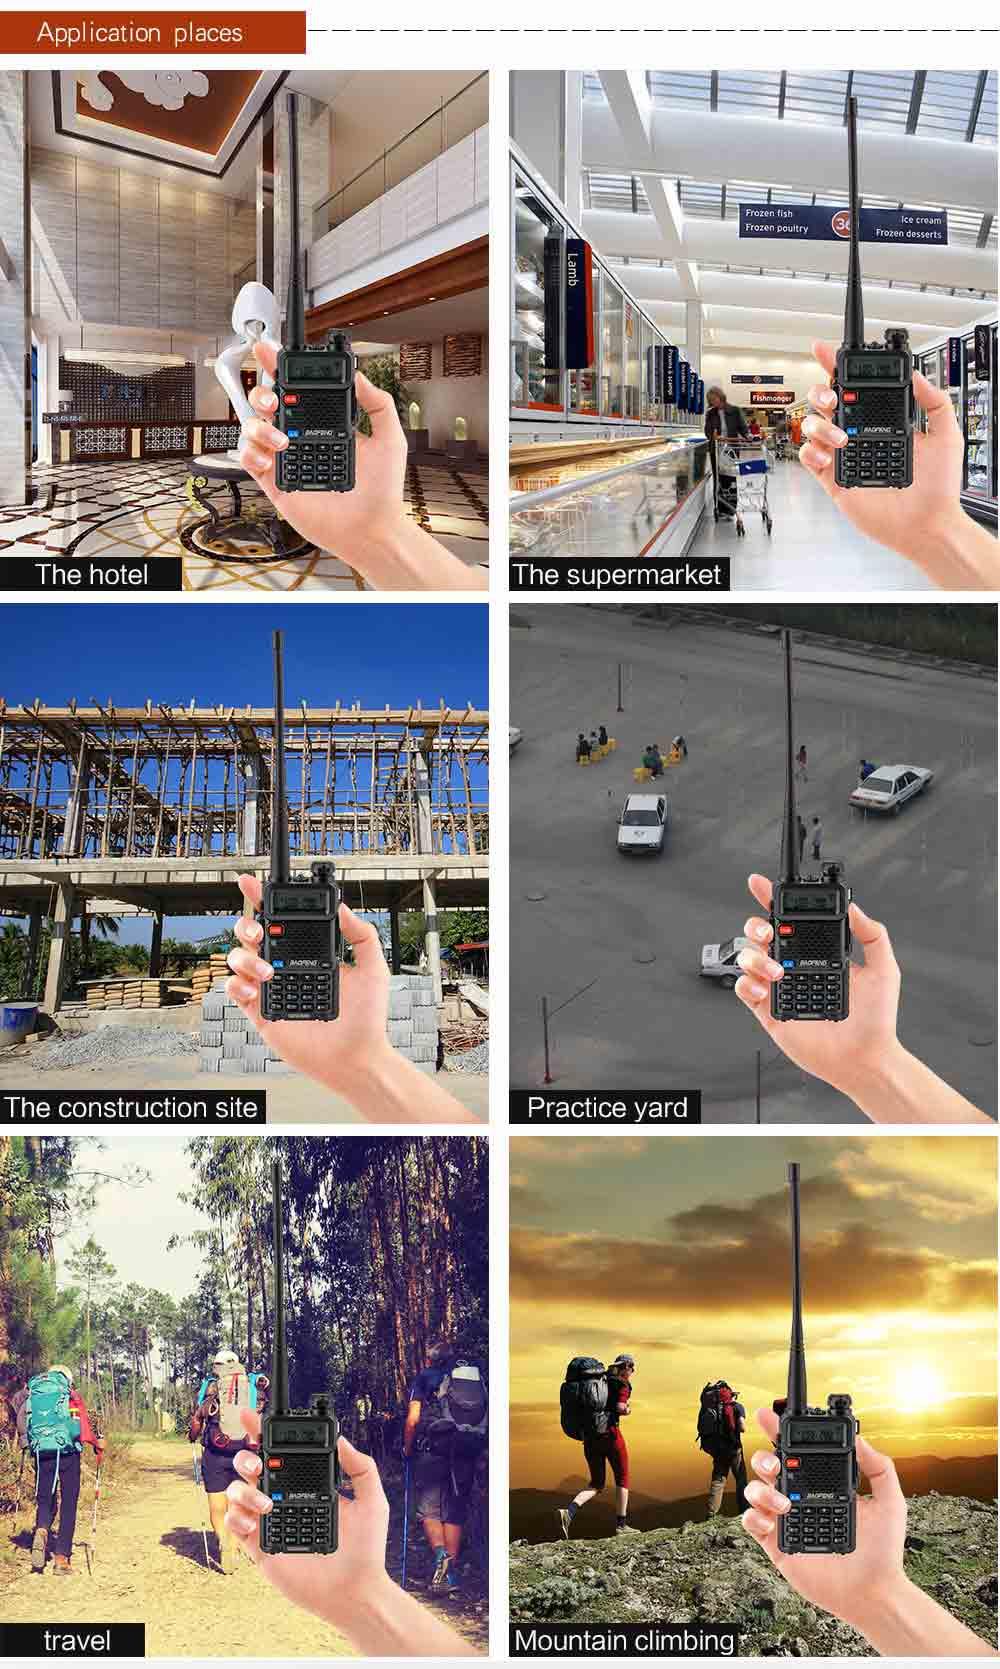 2Pcs BaoFeng UV-5R Walkie Talkie VHFUHF136-174Mhz&400-520Mhz Dual Band Two way radio Baofeng uv 5r Portable Walkie talkie uv5r (19)